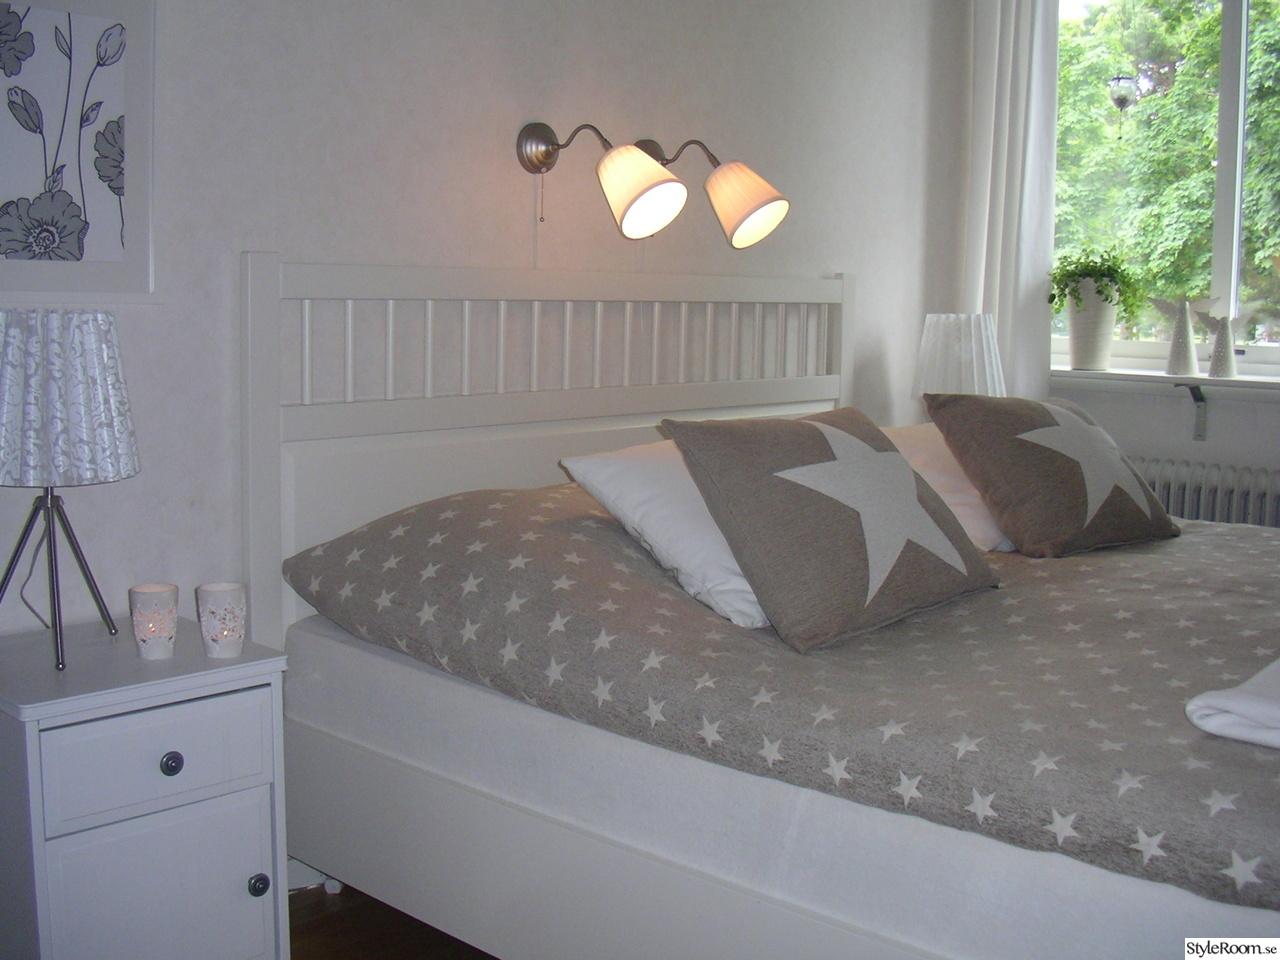 Mitt vita sovrum och svarta vardagsrum Ett inredningsalbum på StyleRoom av Majsan